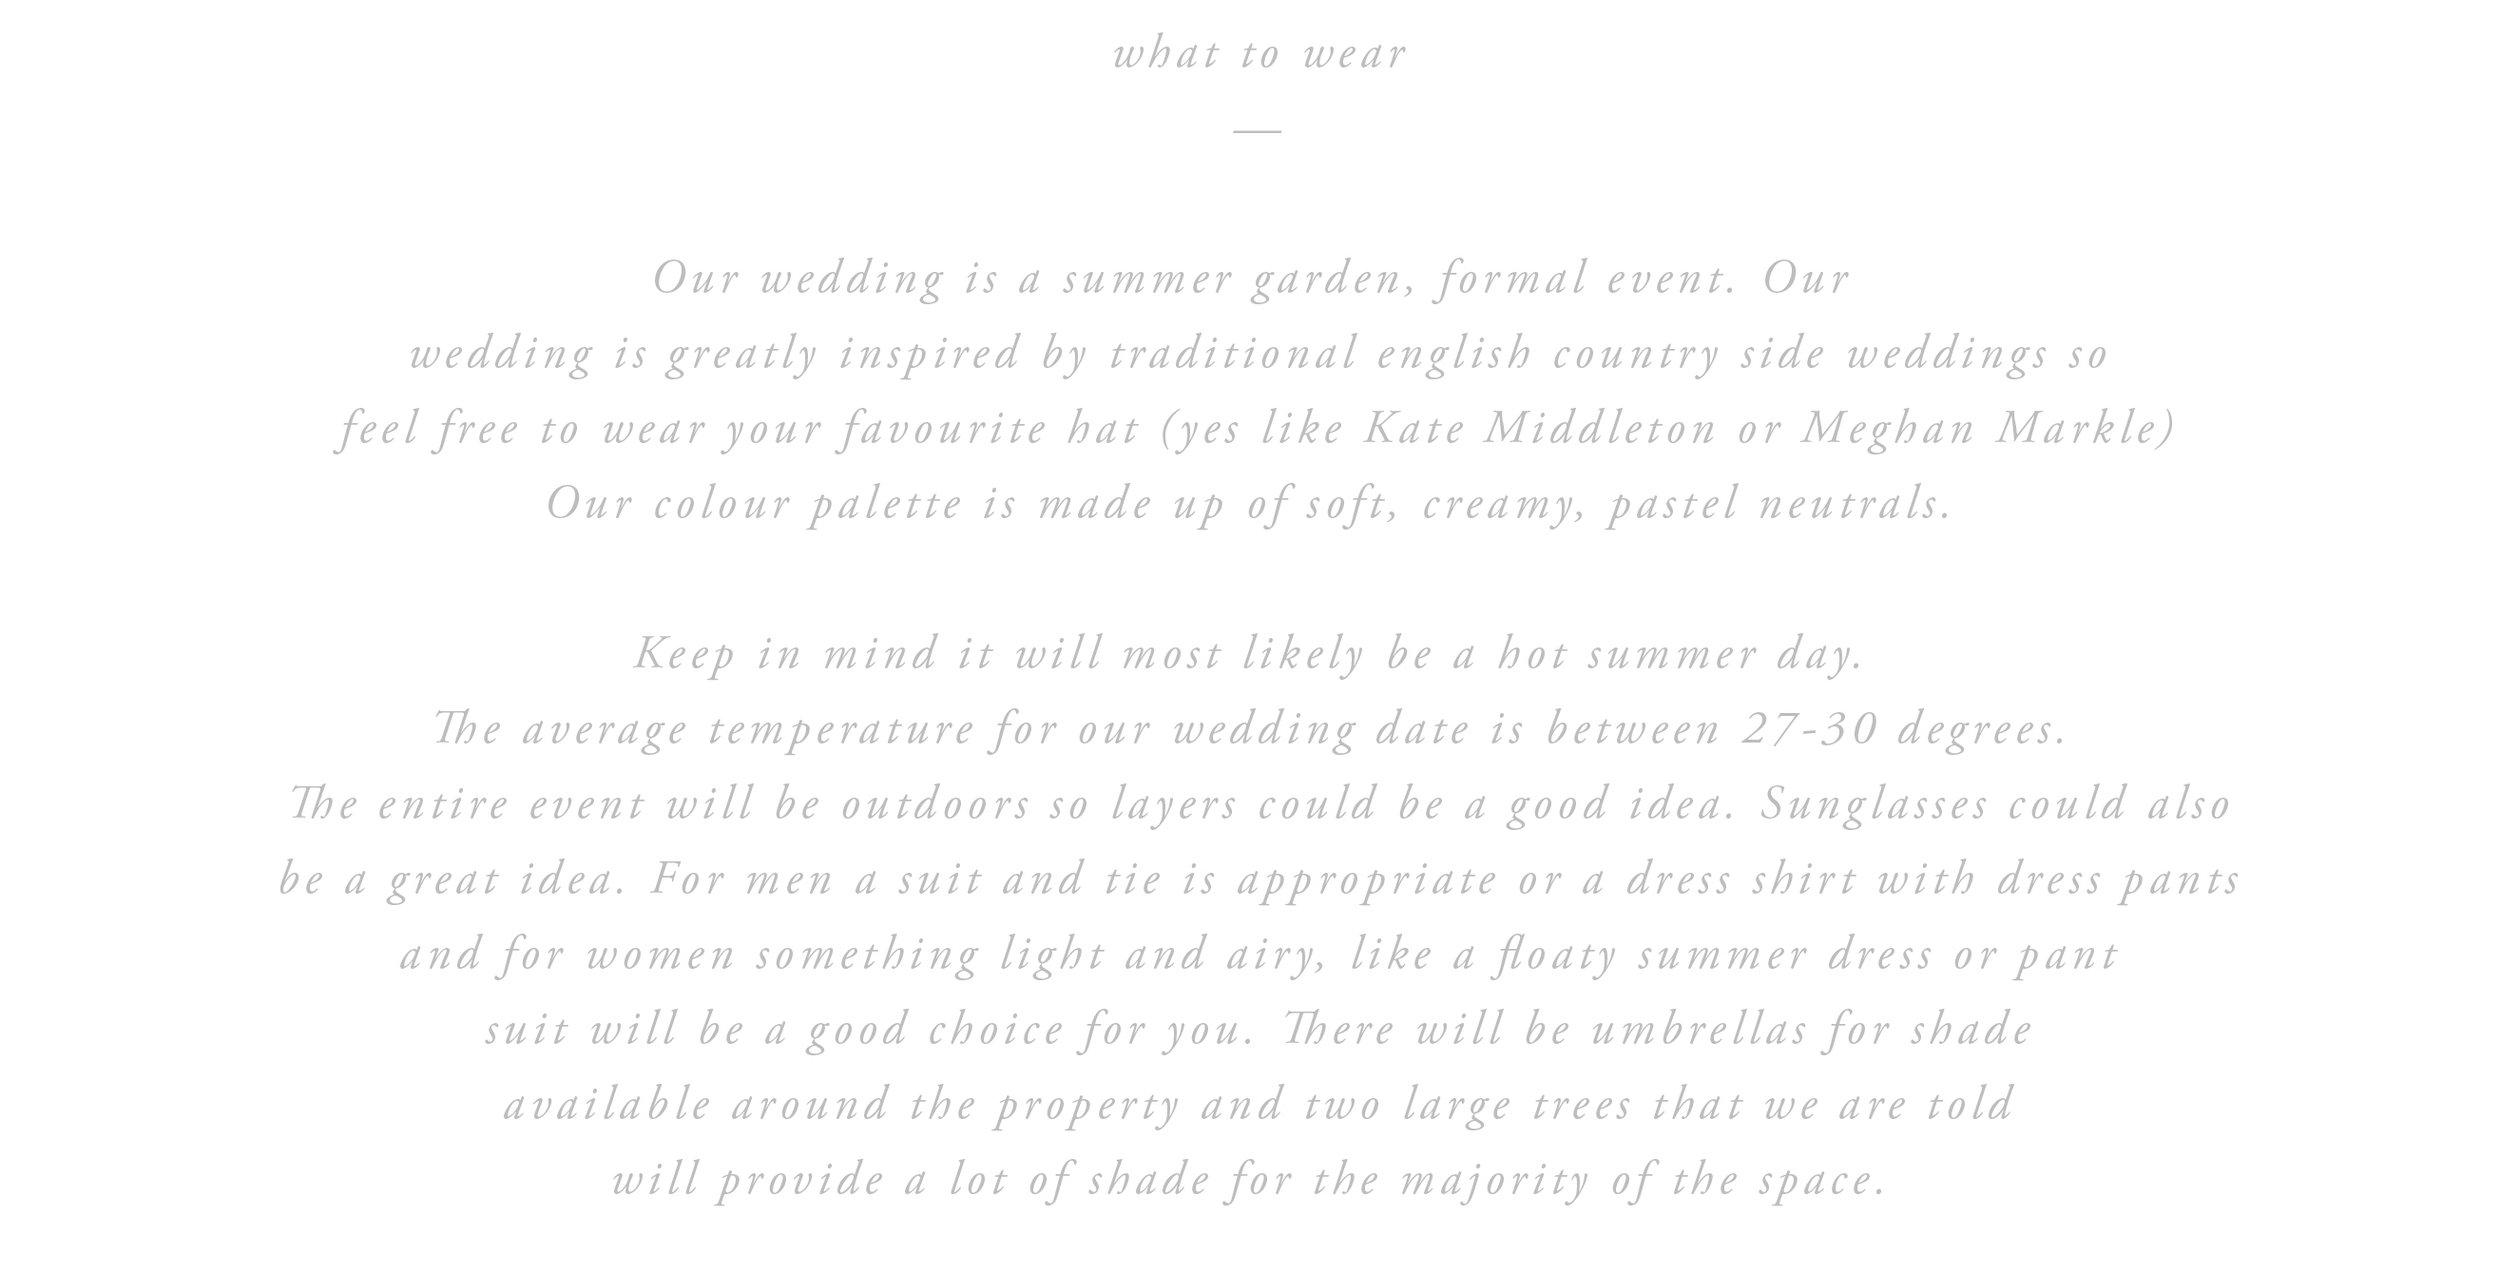 laucole-wedding-landingpage_whattowear.jpg